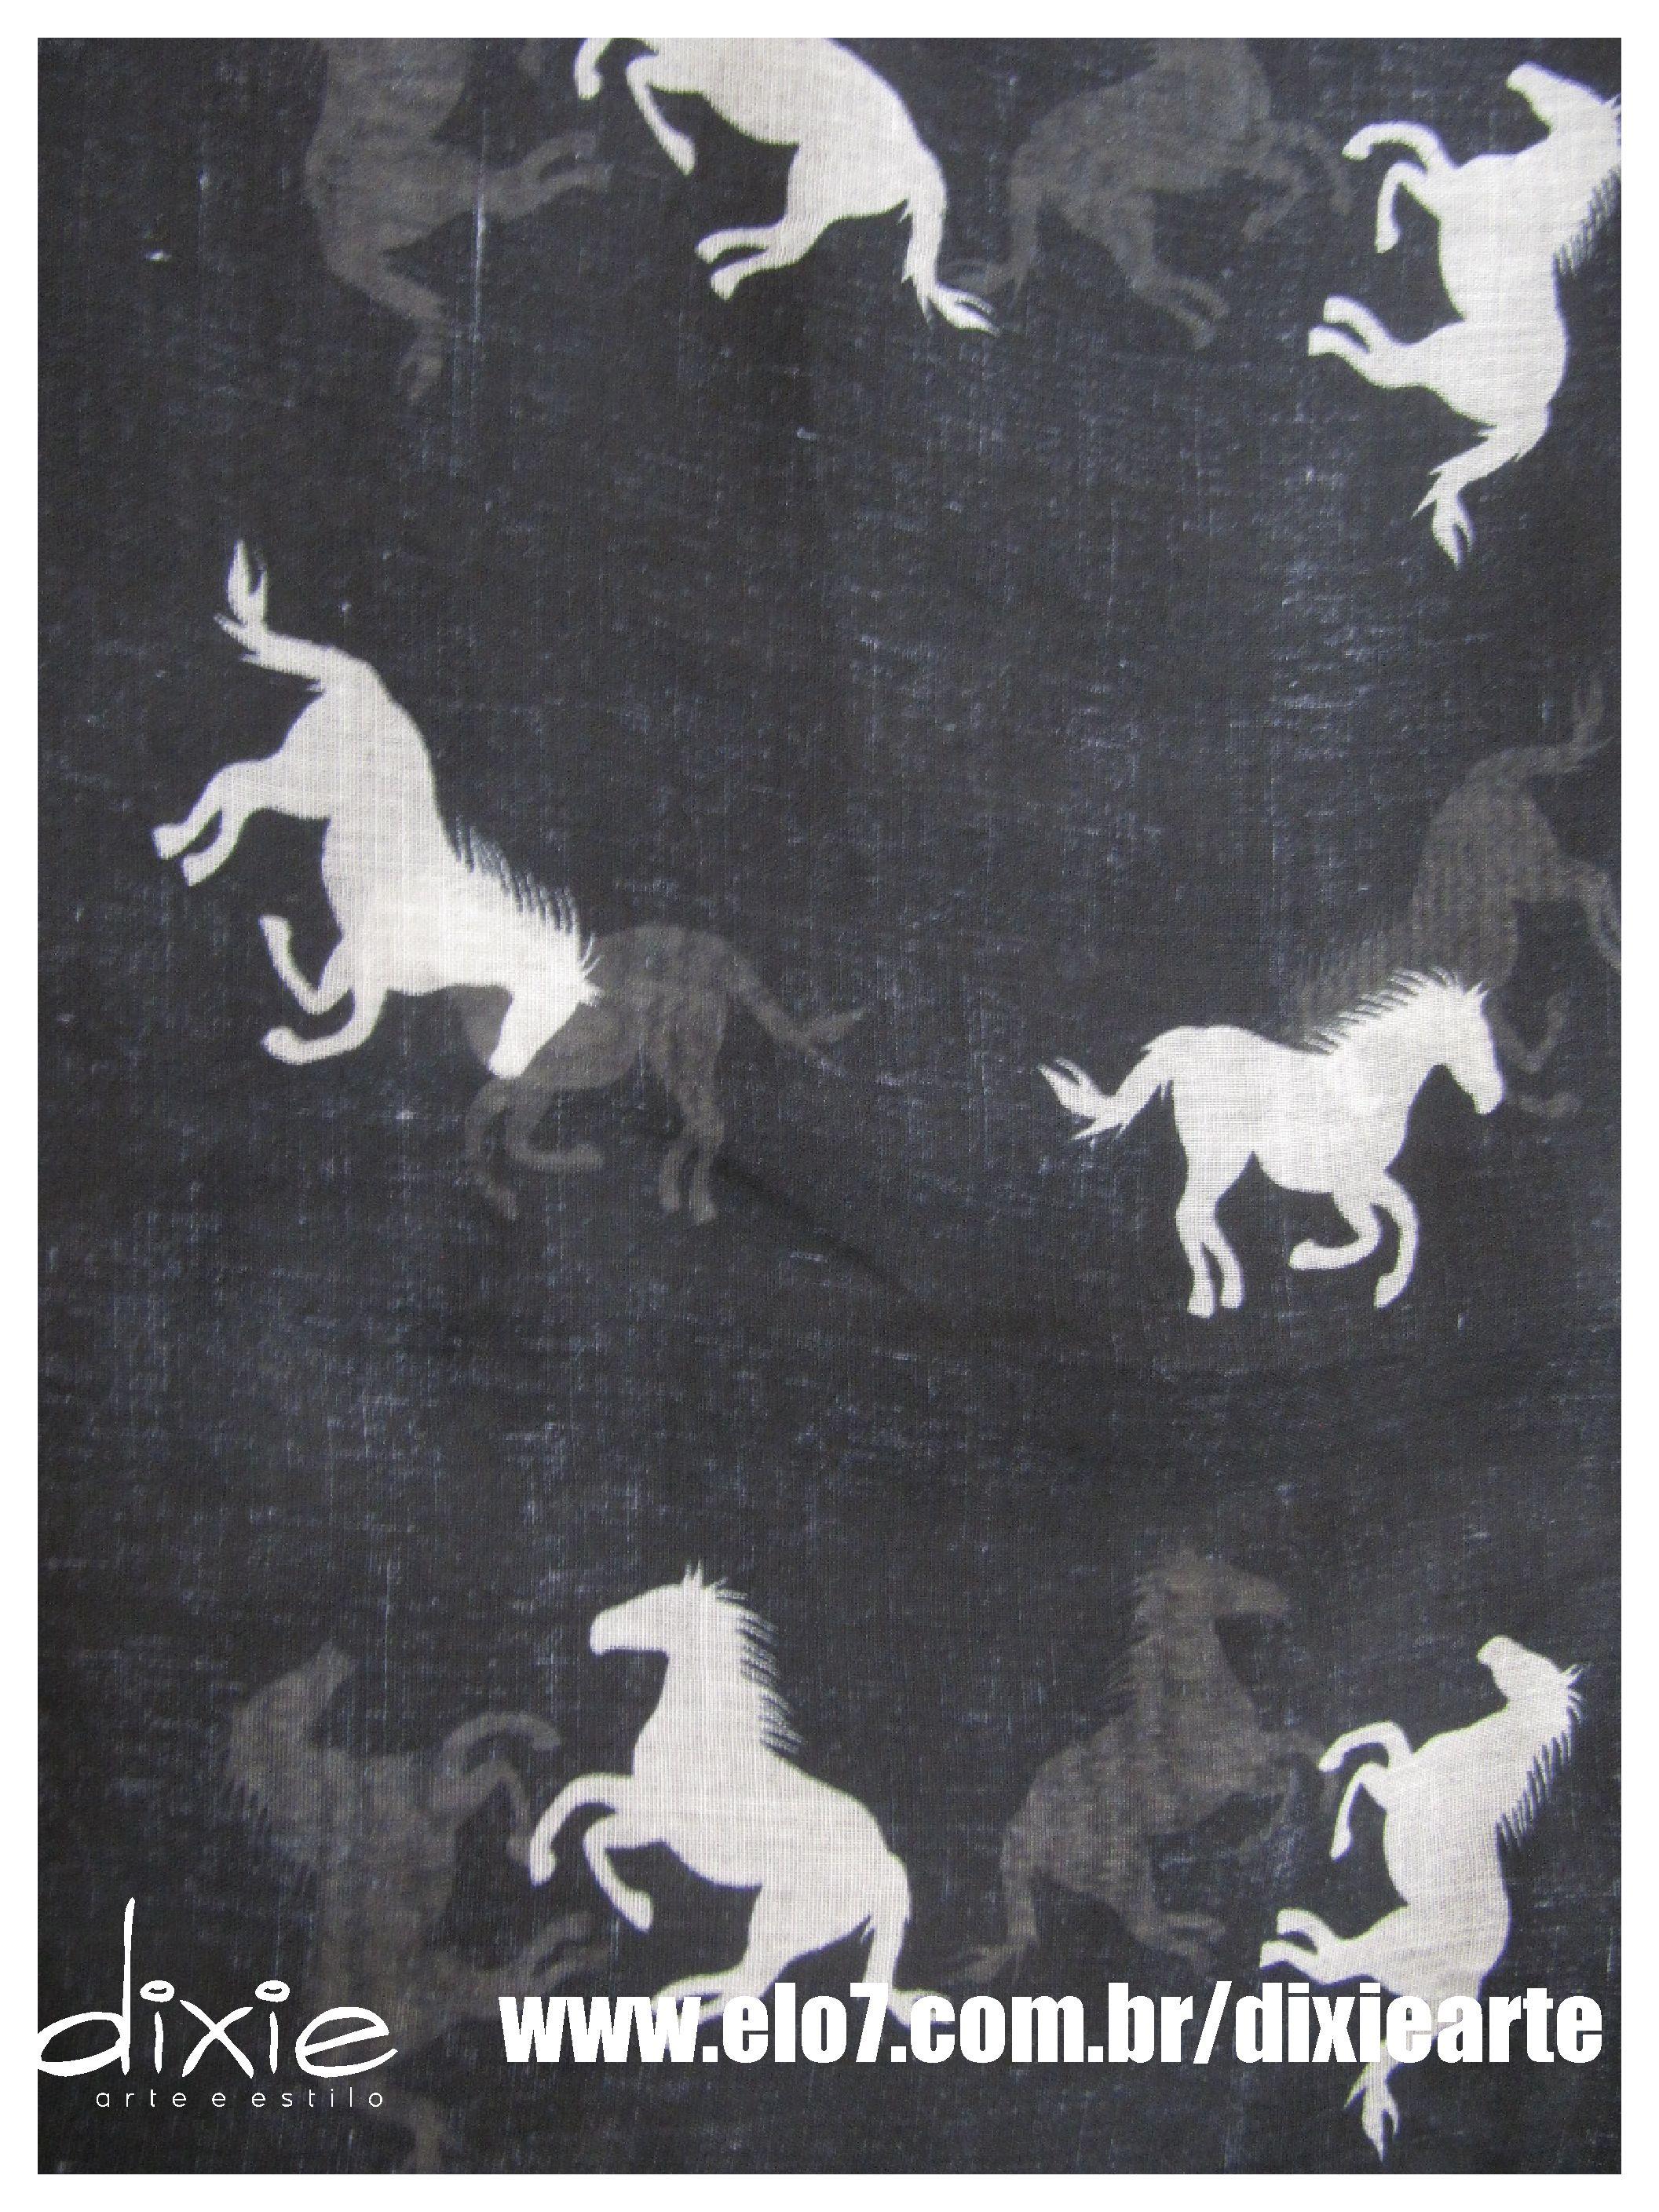 Lenço Preto Cavalos  www.elo7.com.br/dixiearte